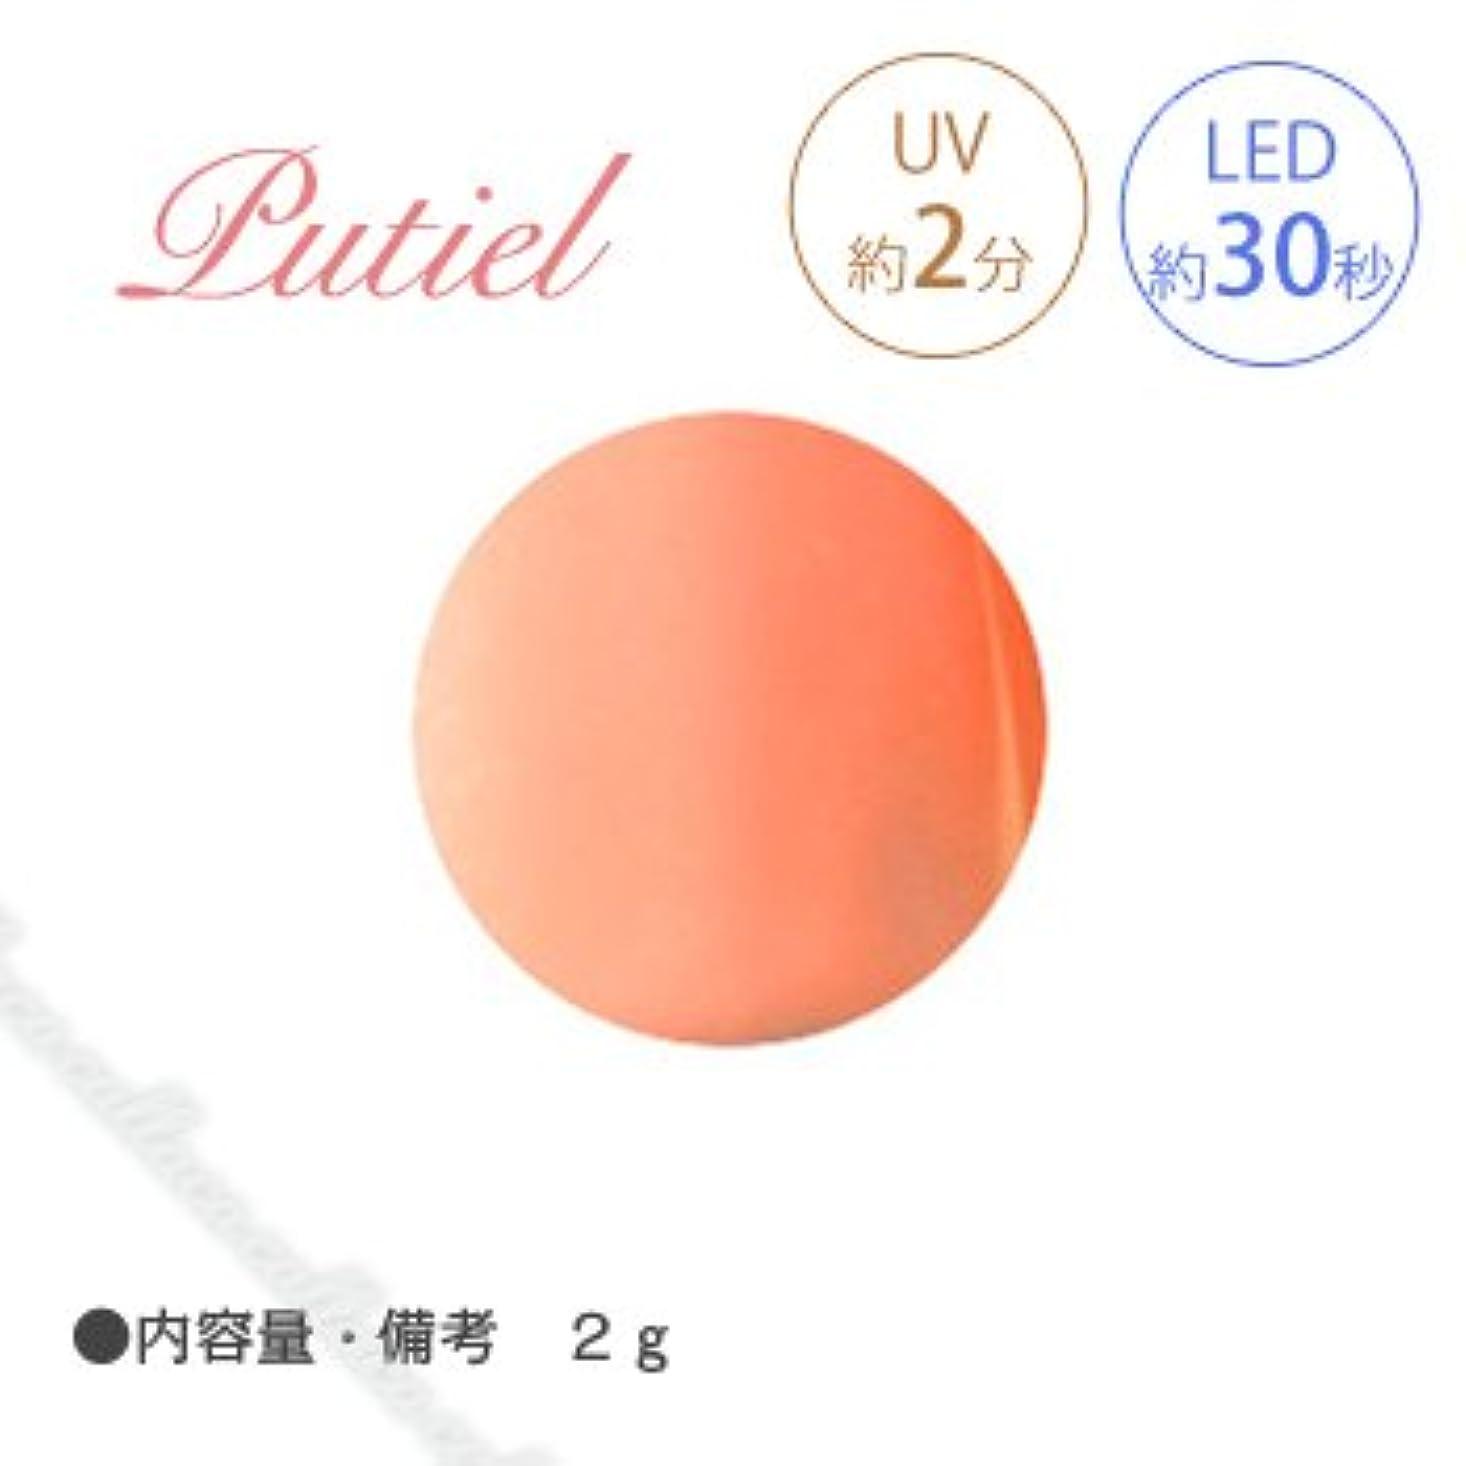 エッセイディンカルビルどう?Putiel プティール カラージェル 103 ブラッドオレンジ 2g